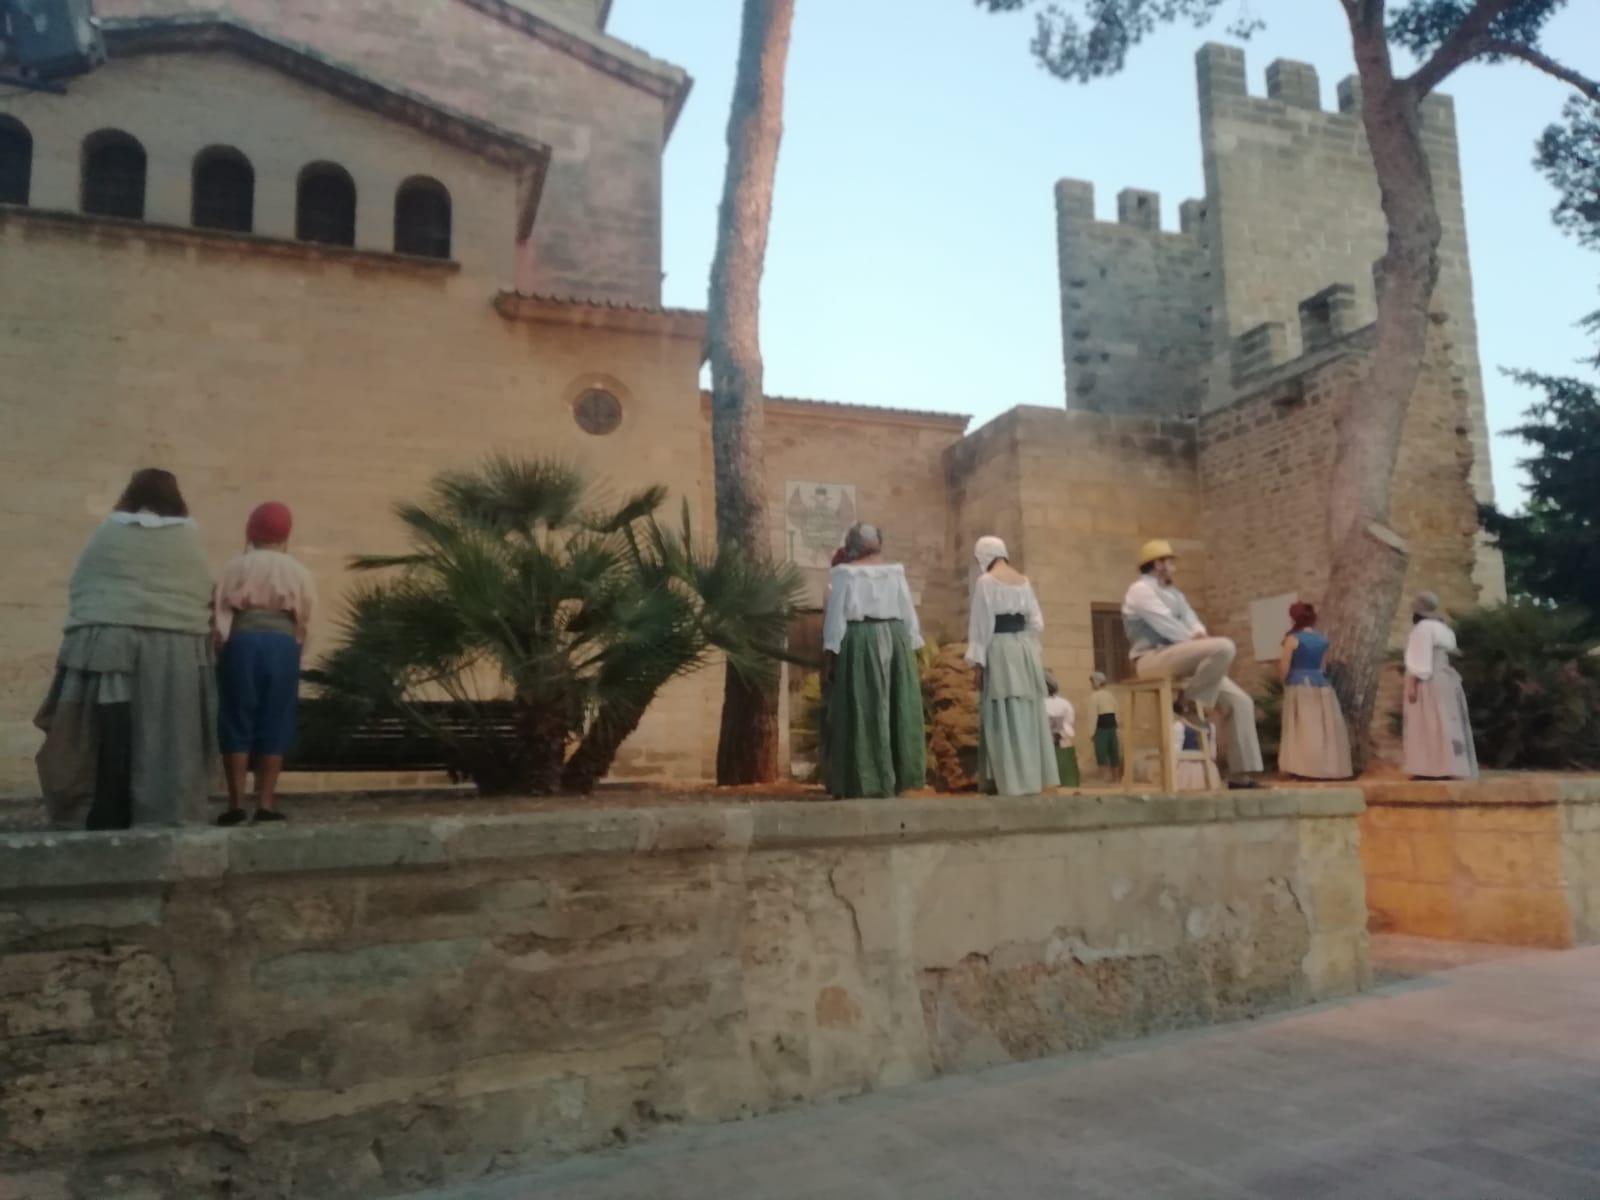 Arranca el 'Via Fora' con visitas dramatizadas a las murallas los jueves de julio y agosto.